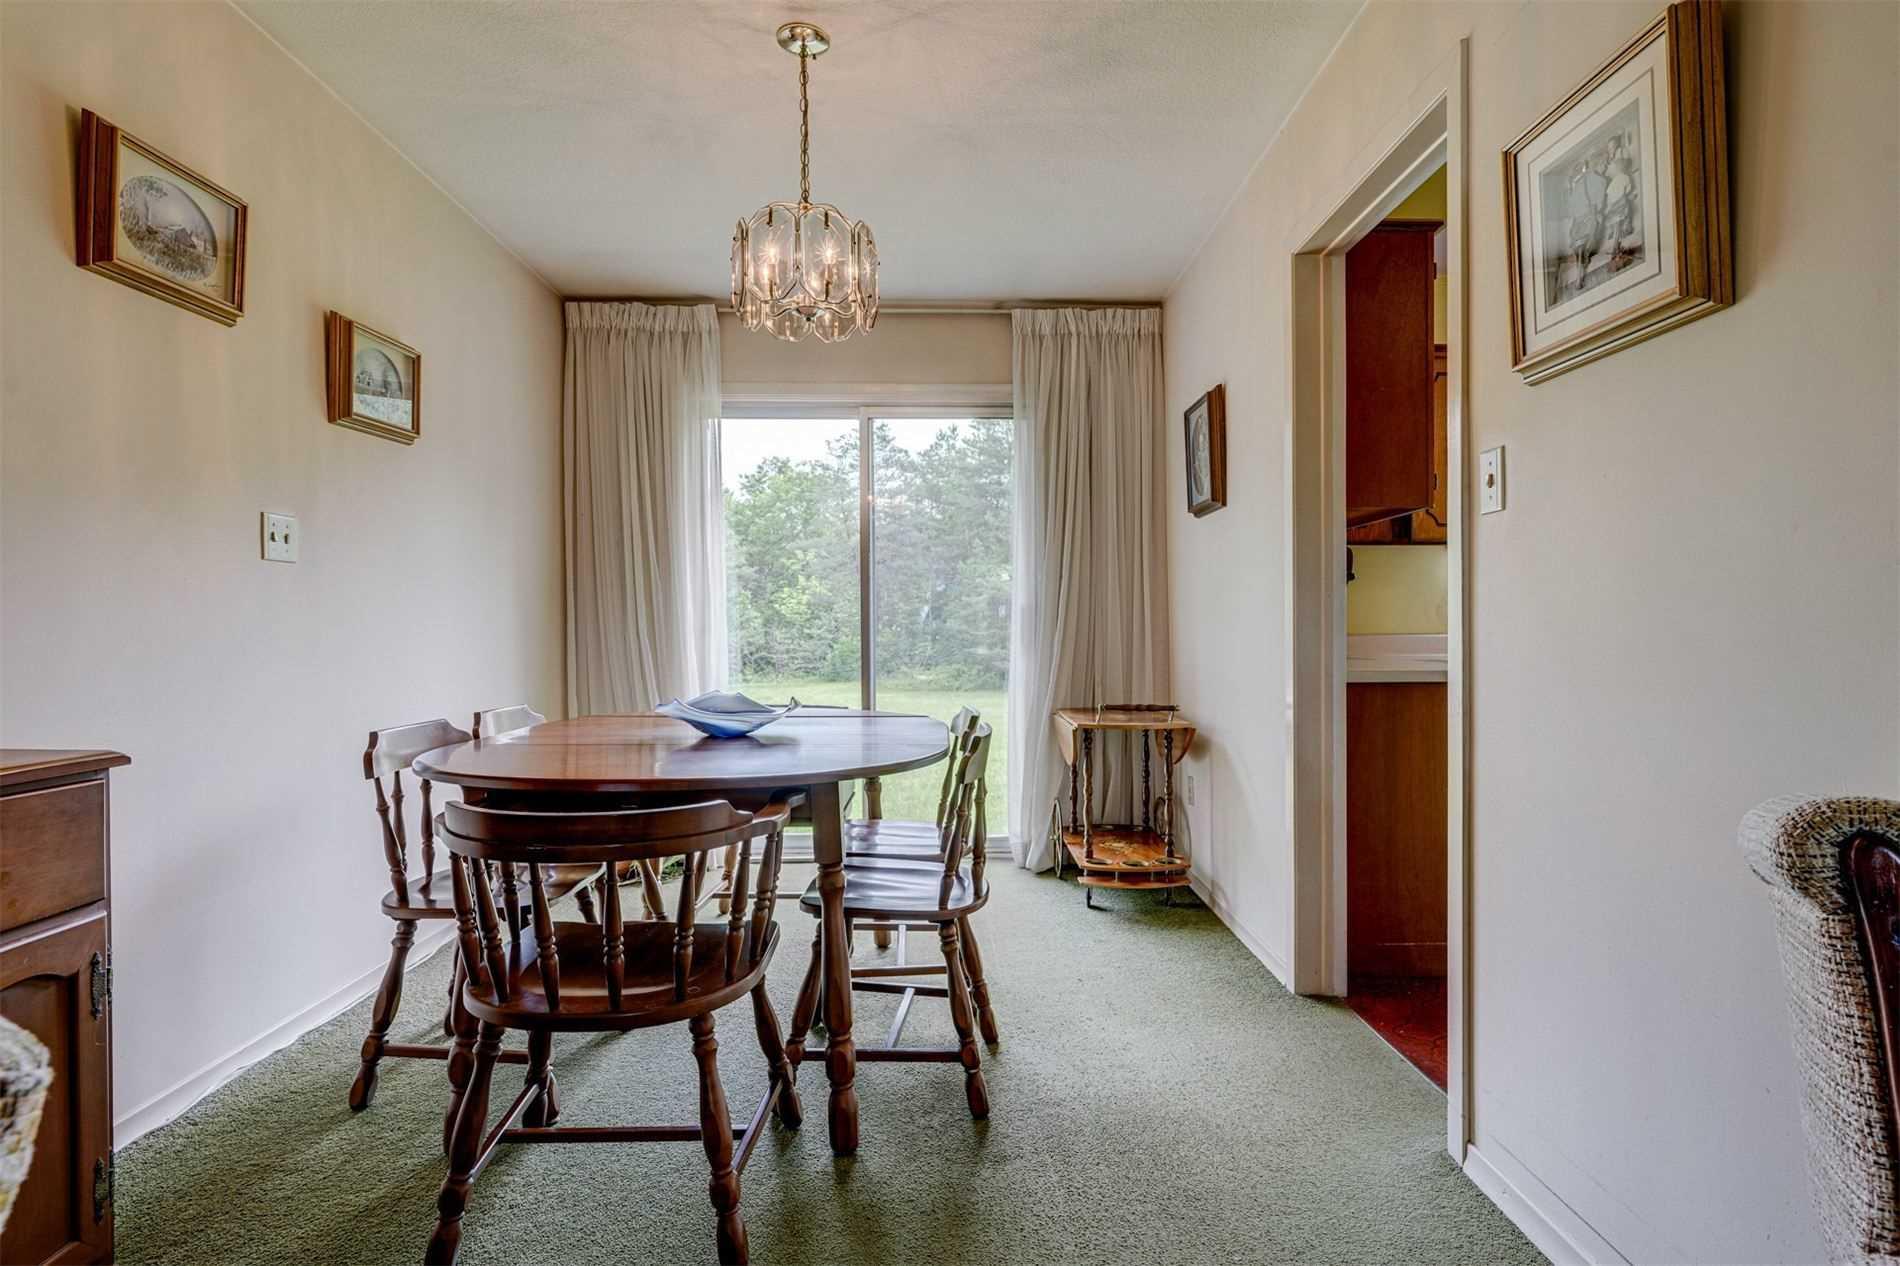 4189 Brock Rd - Uxbridge Detached for sale, 3 Bedrooms (N5311768) - #13